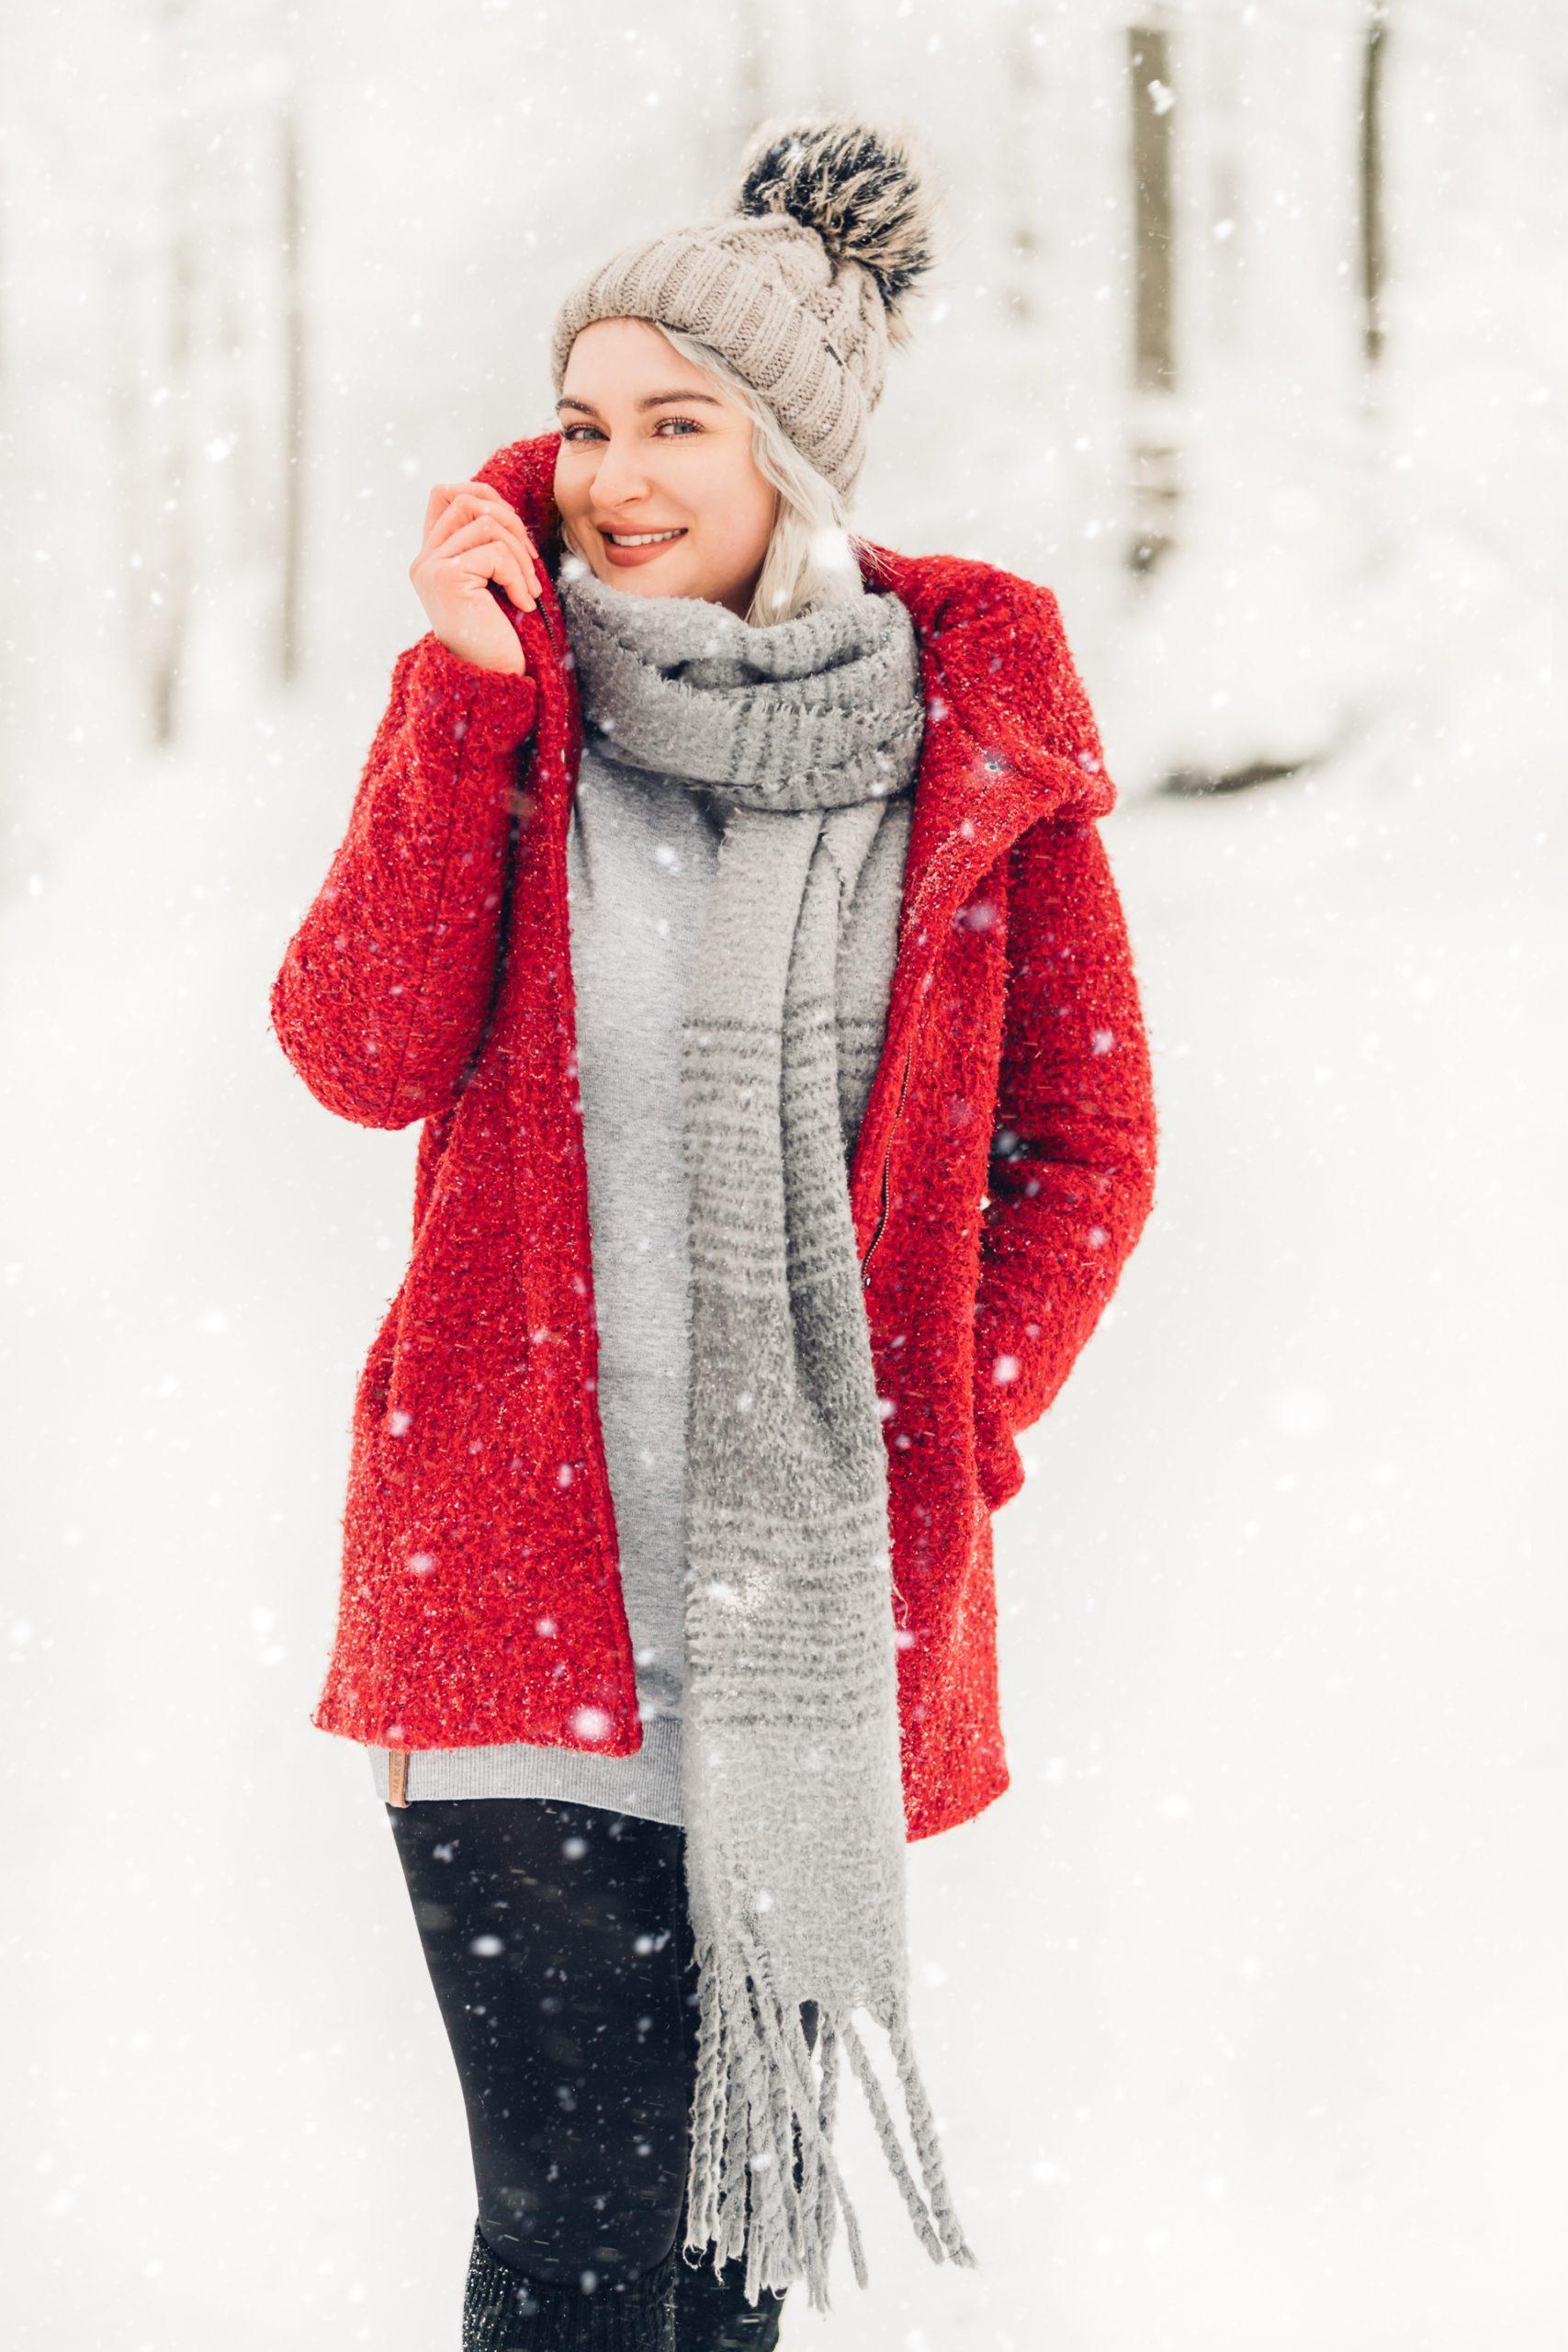 Winterportraits im Schnee